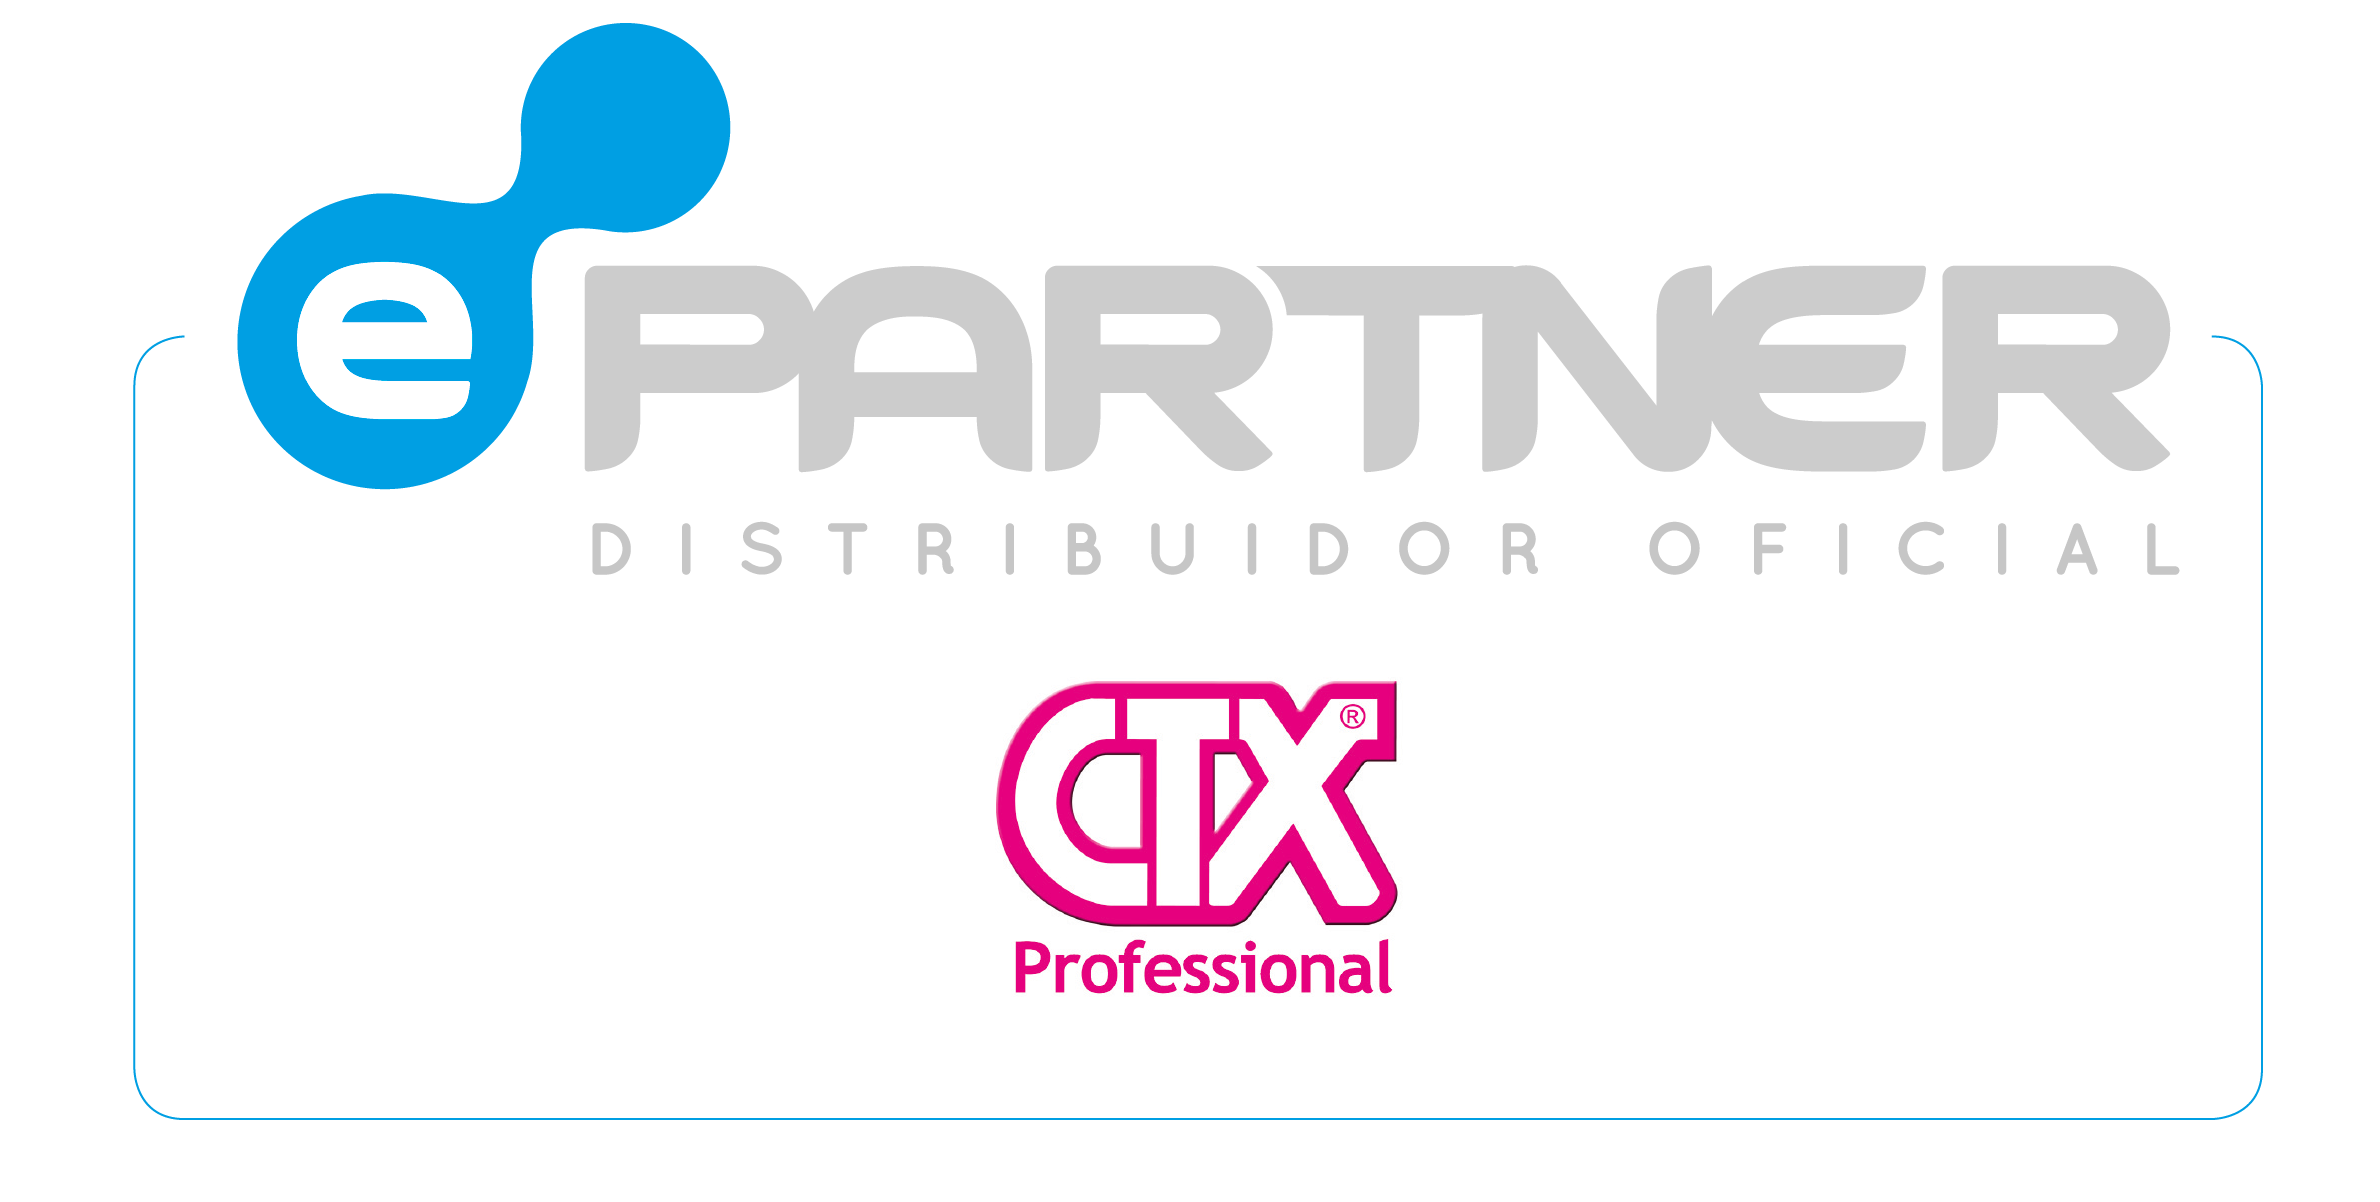 e-partner CTX